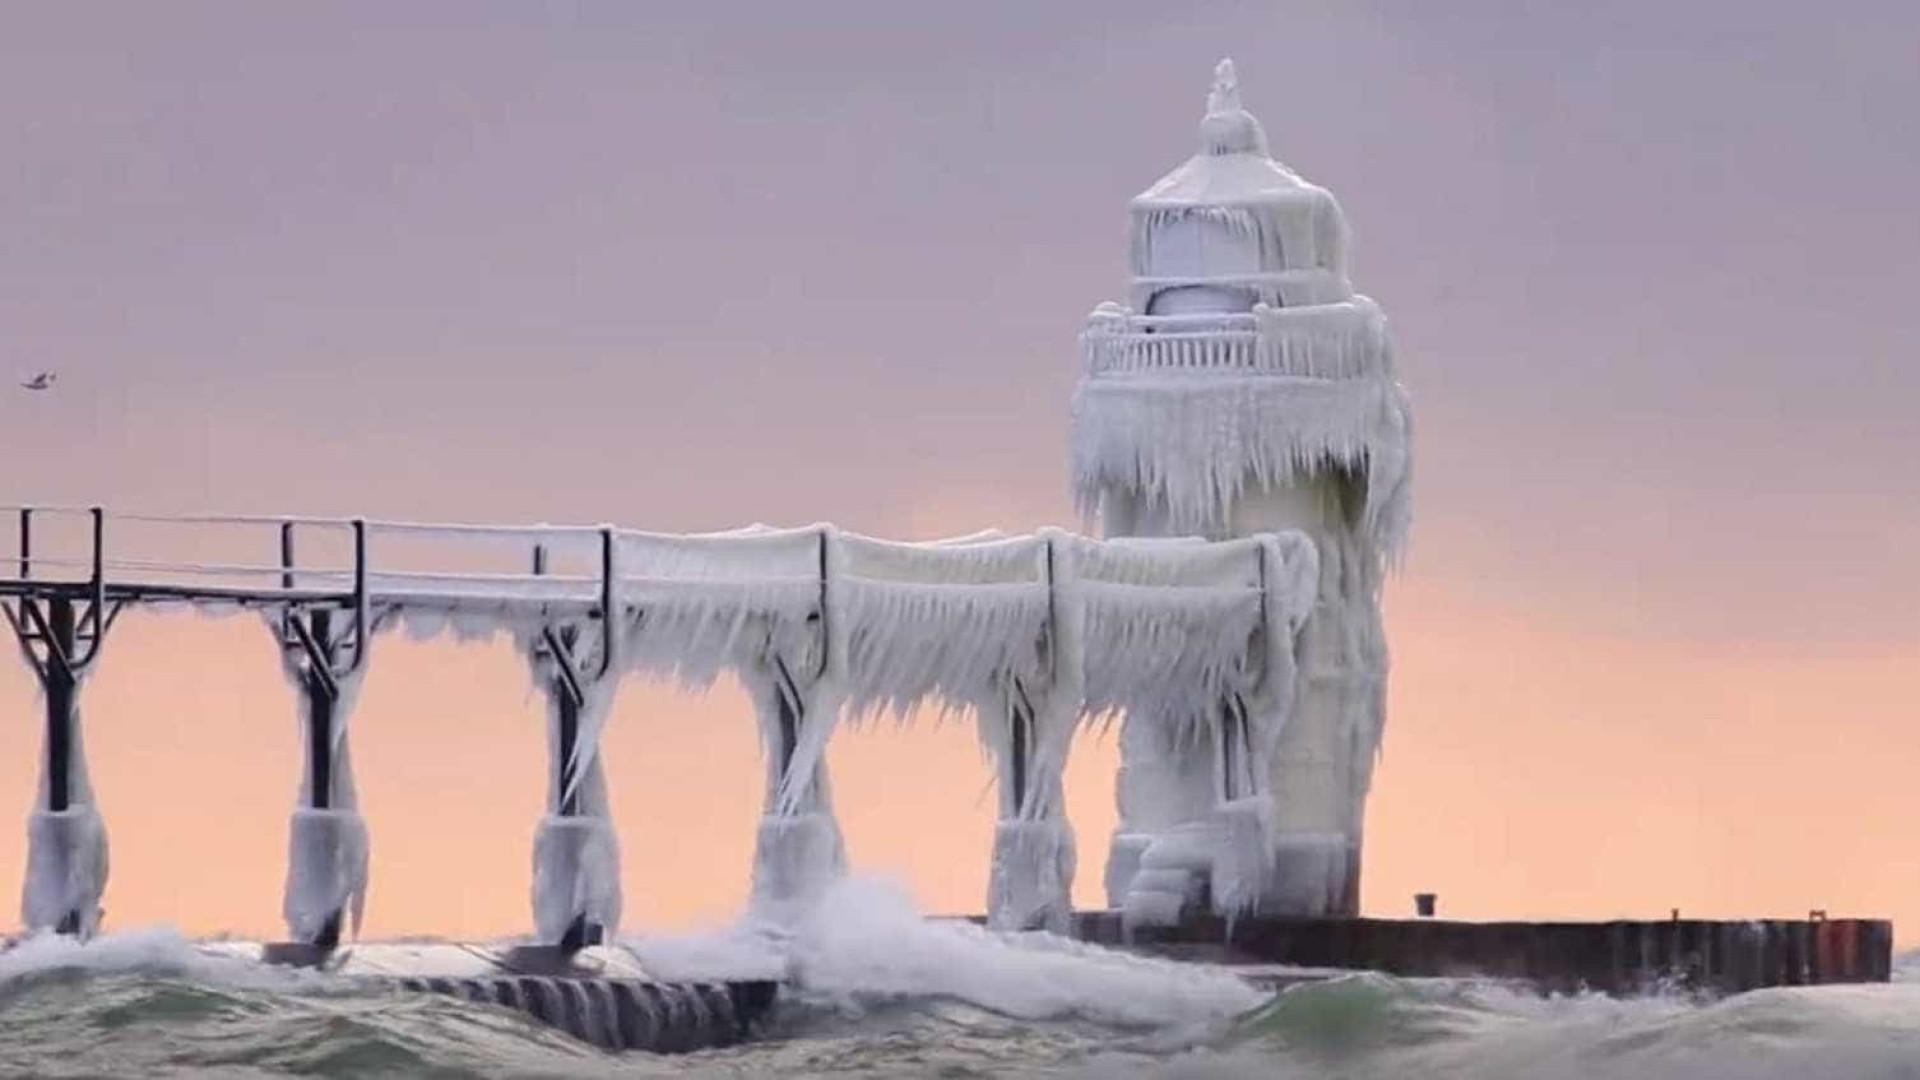 Farol de Michigan transformado num castelo encantado